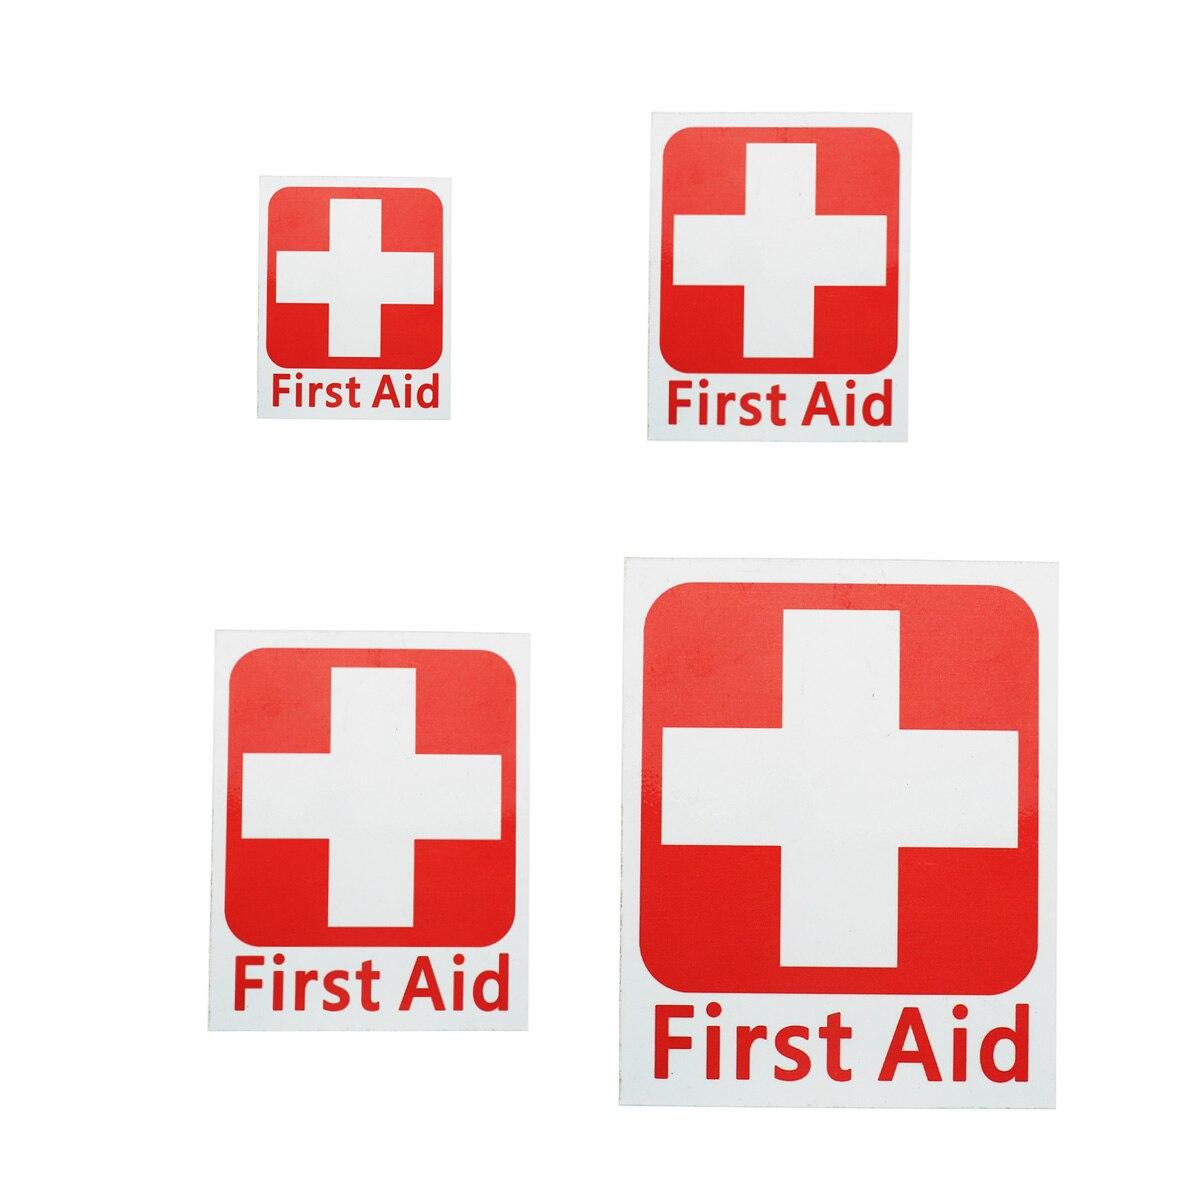 Safurance 4 Размеры первой помощи винил Стикеры label Водонепроницаемый знаки Красный Крест здоровья Детская безопасность Аварийные наборы Преду...